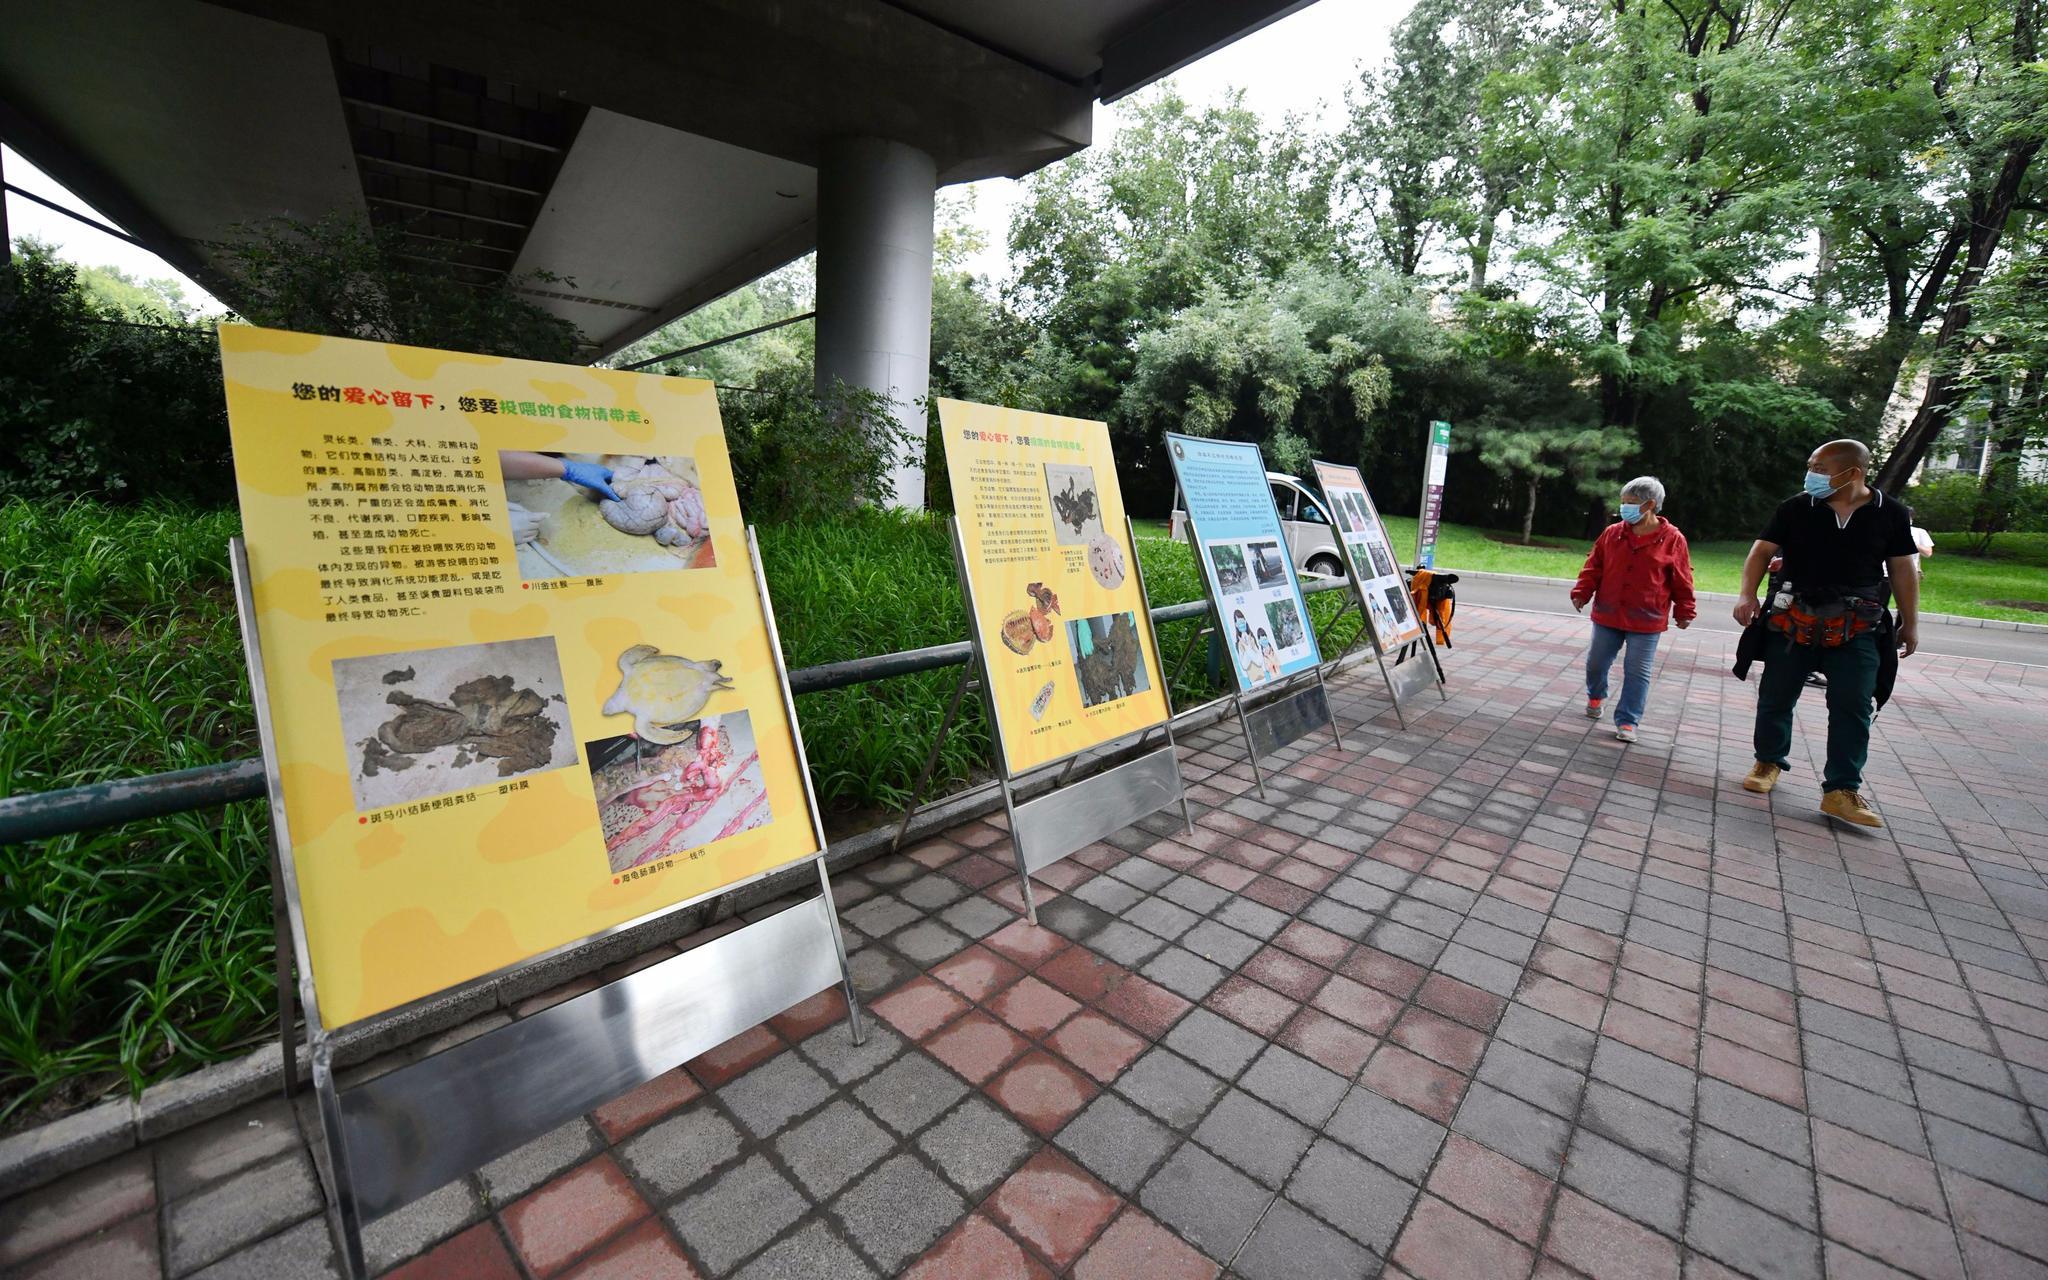 """北京动物园上""""大招"""",随意投喂动物屡劝不改将被禁止入园图片"""